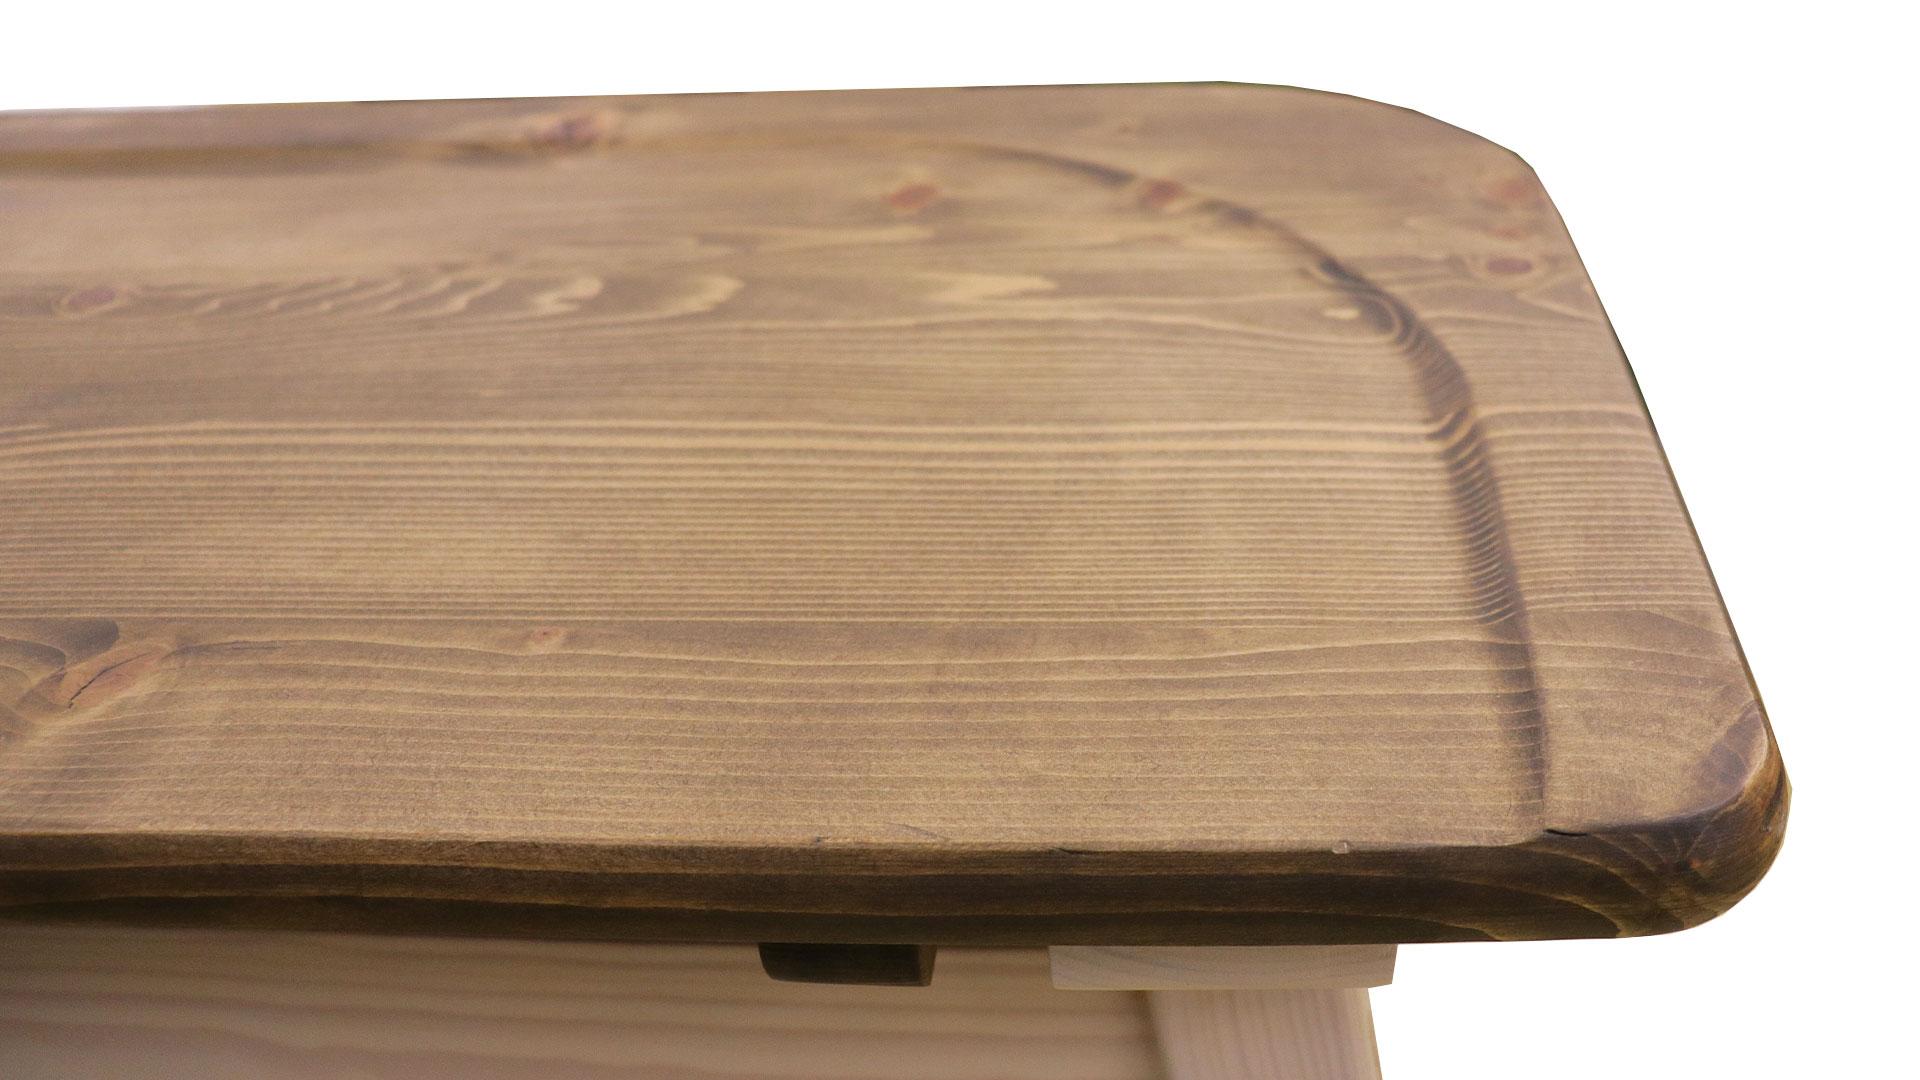 リビンズのダイニングテーブル、プリンのベンチの座面のアップ画像